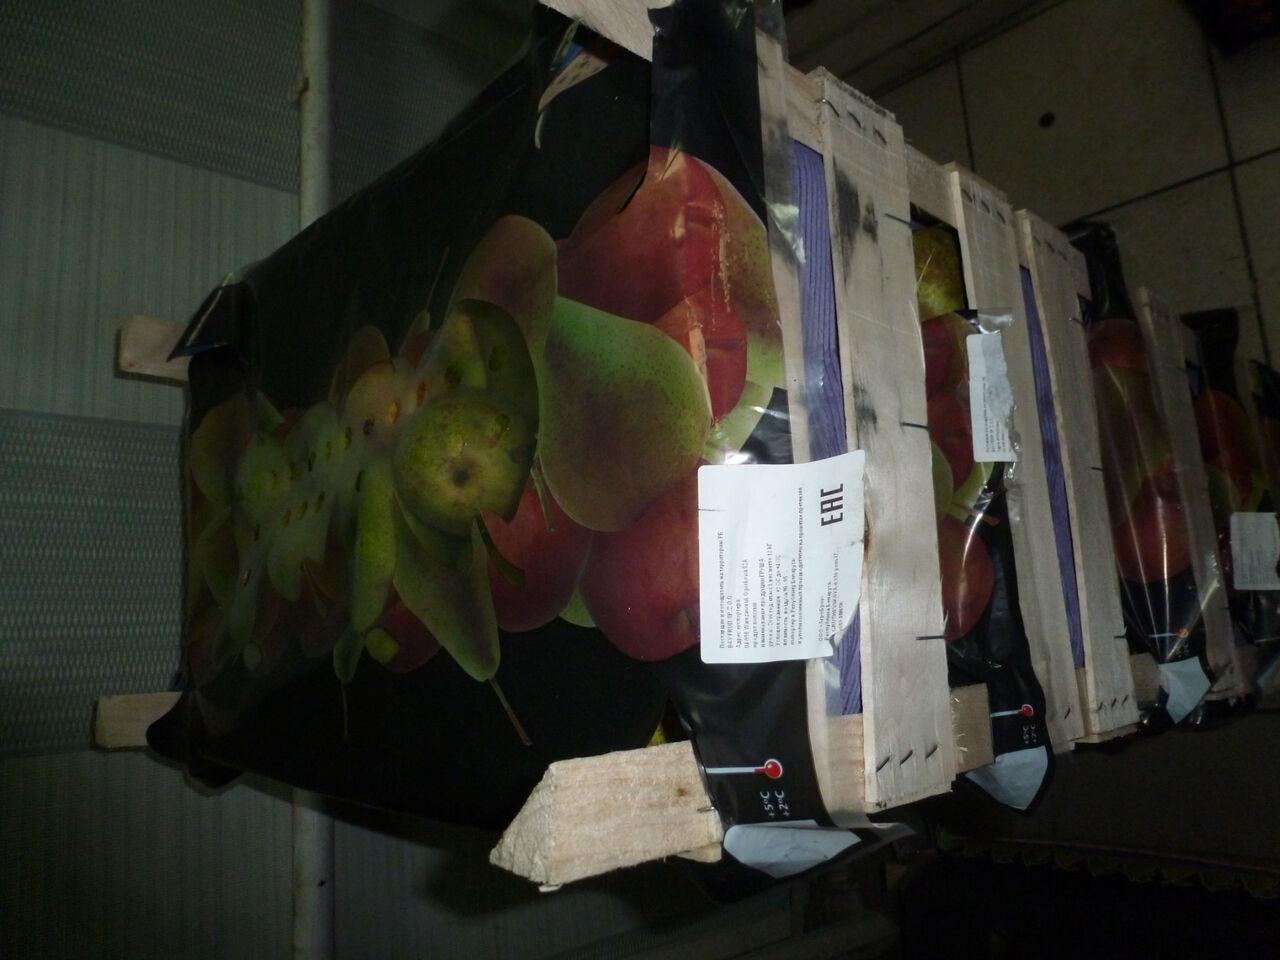 ВУссурийске бульдозером раздавили 700кг польских груш